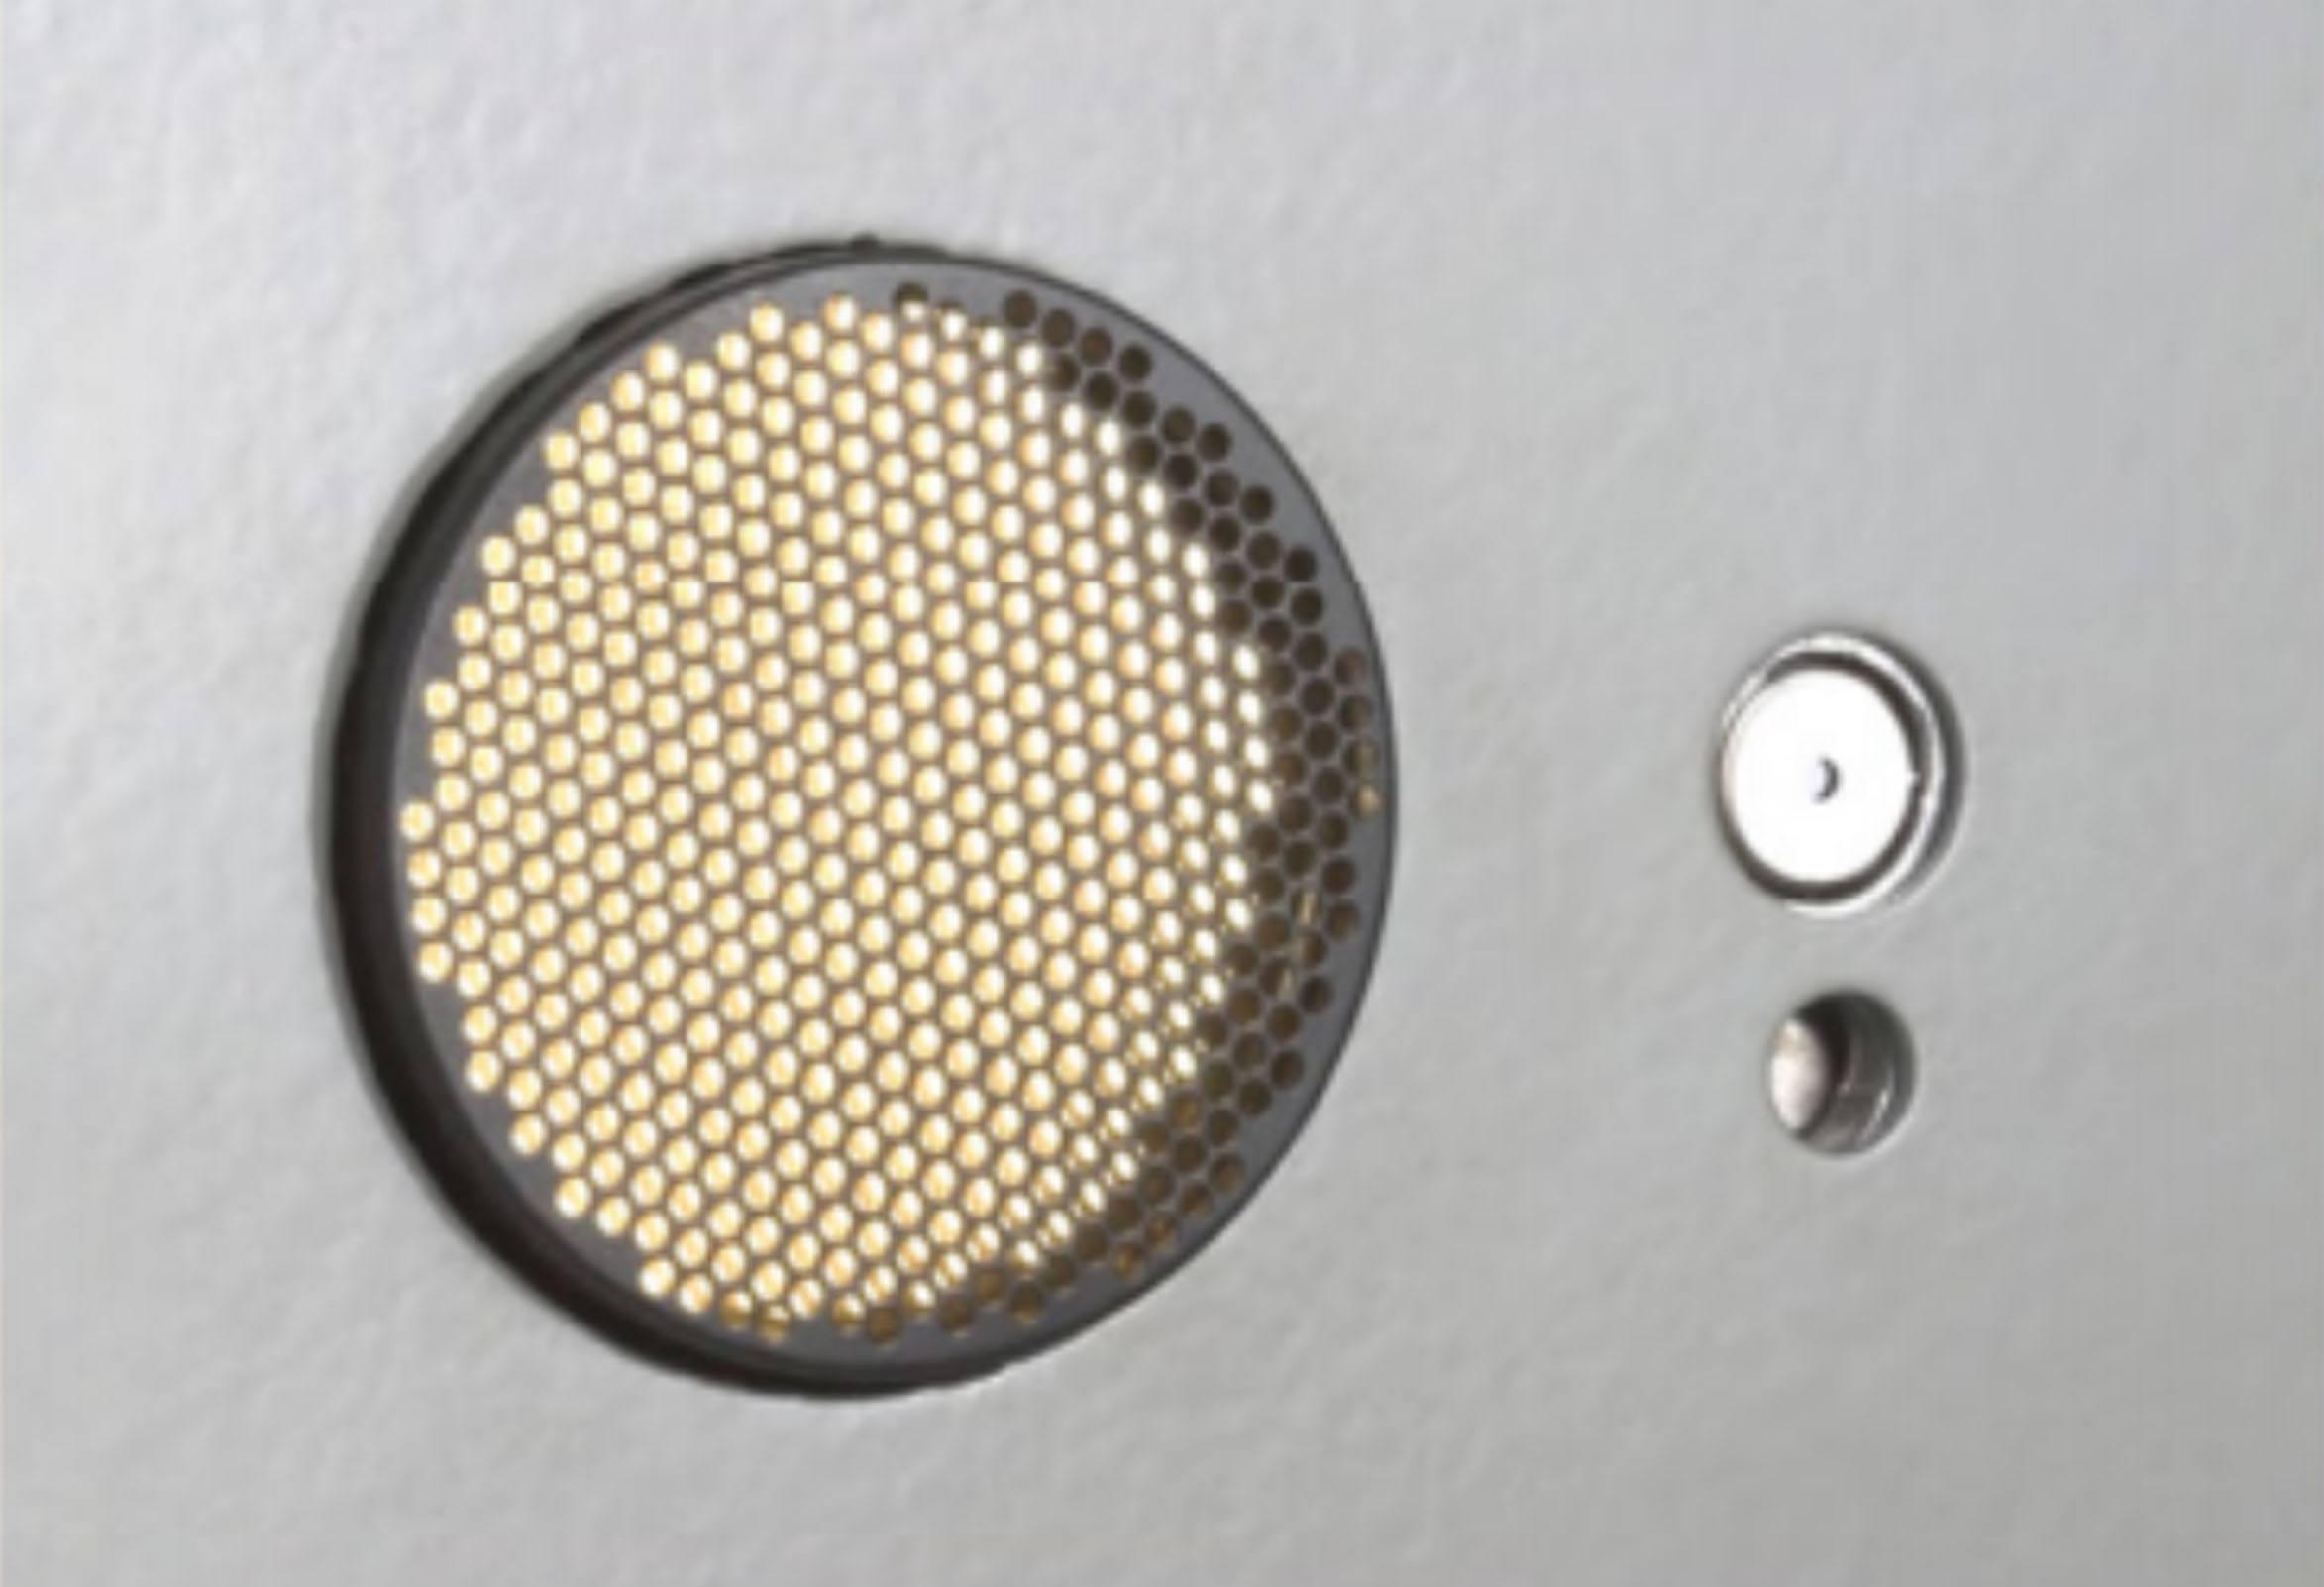 amh40008000-5.jpg